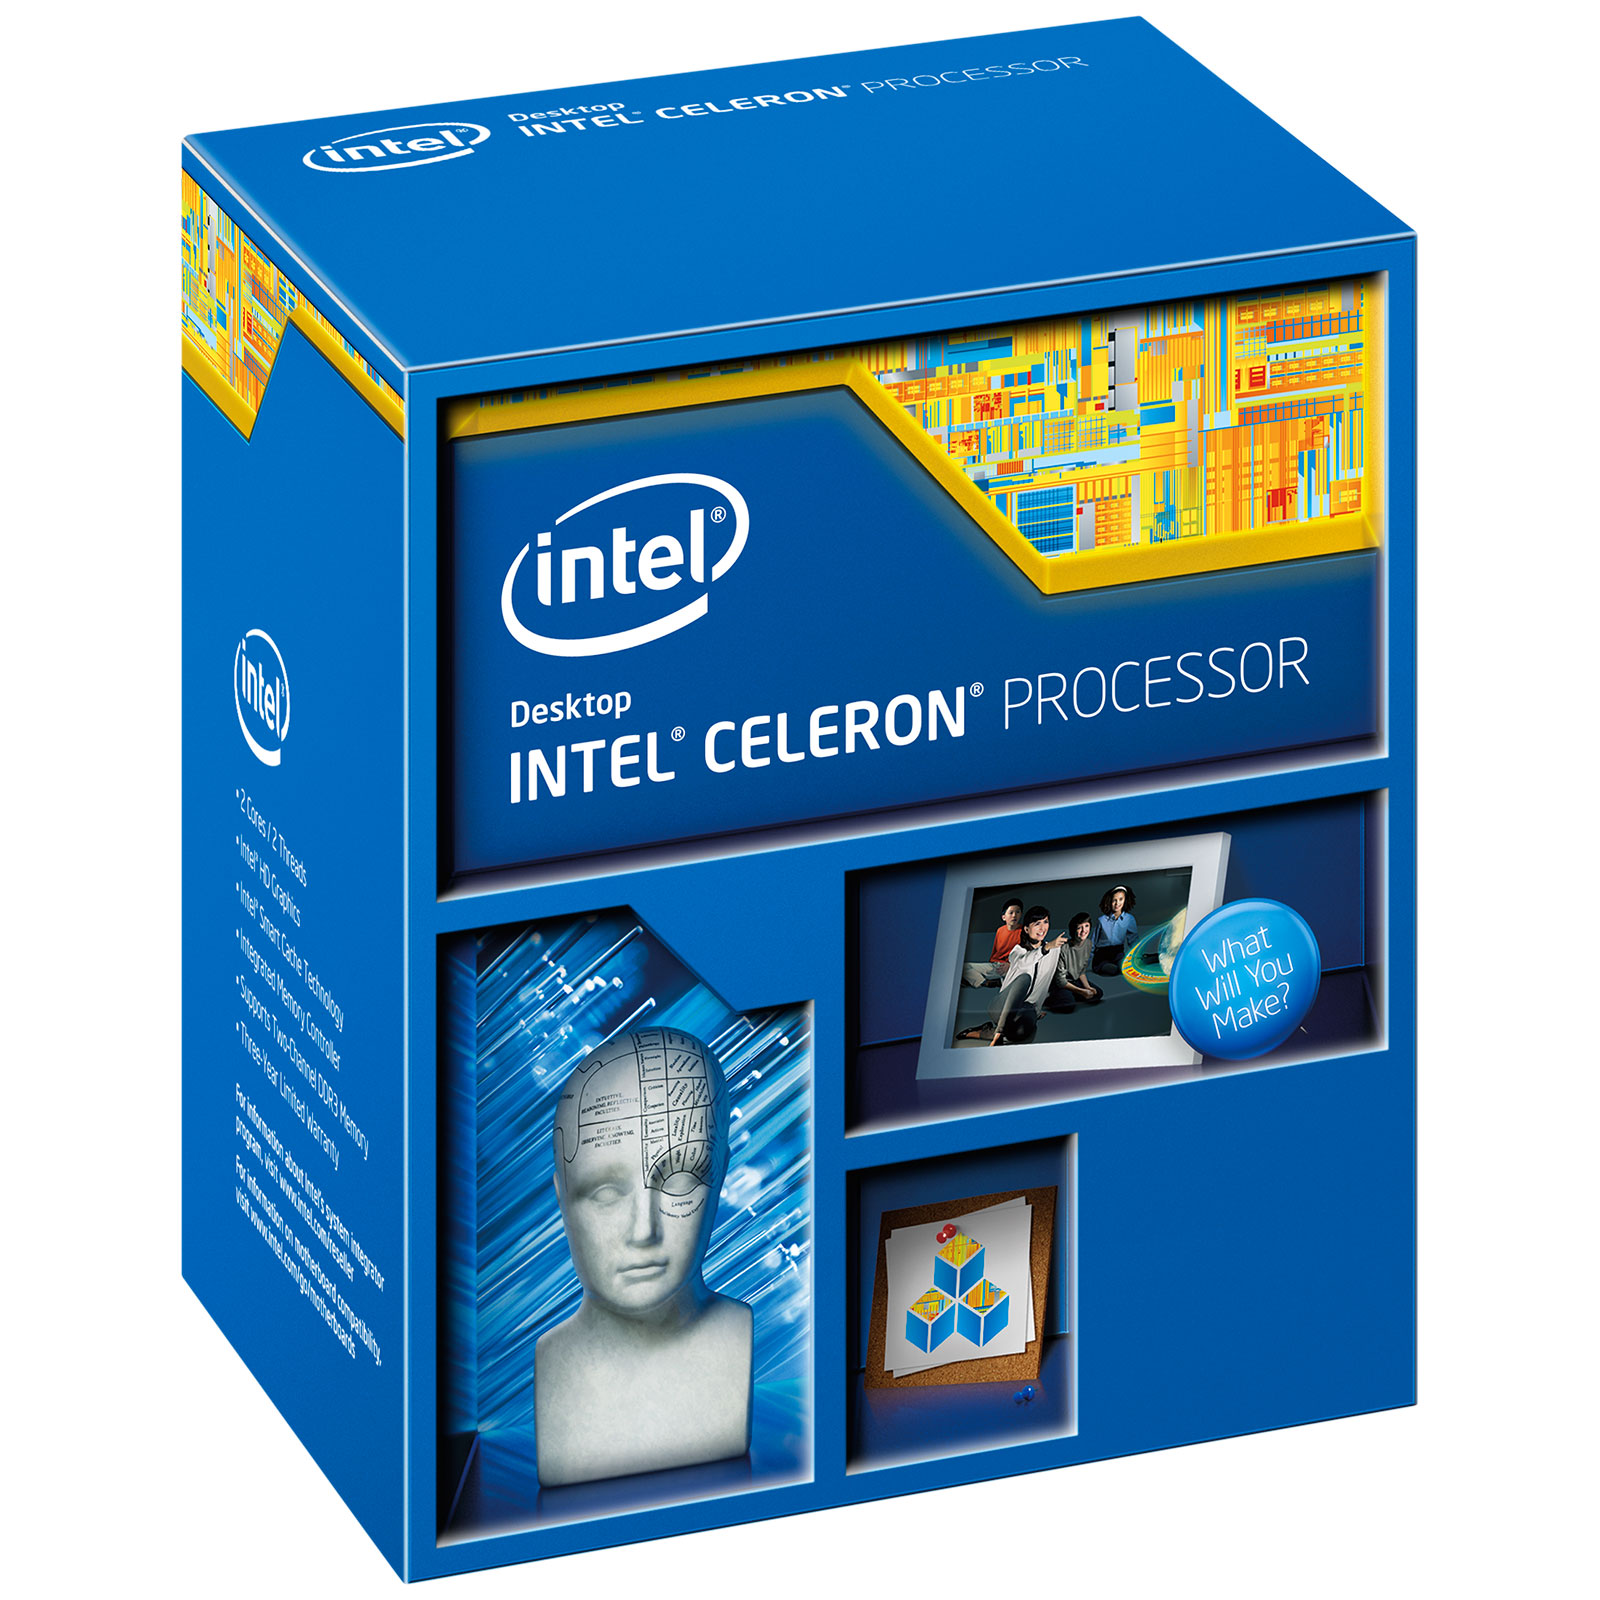 Processeur Intel Celeron G1820 (2.7 GHz) Processeur Dual Core Socket 1150 Cache L3 2 Mo Intel HD Graphics 0.022 micron (version boîte - garantie Intel 3 ans)